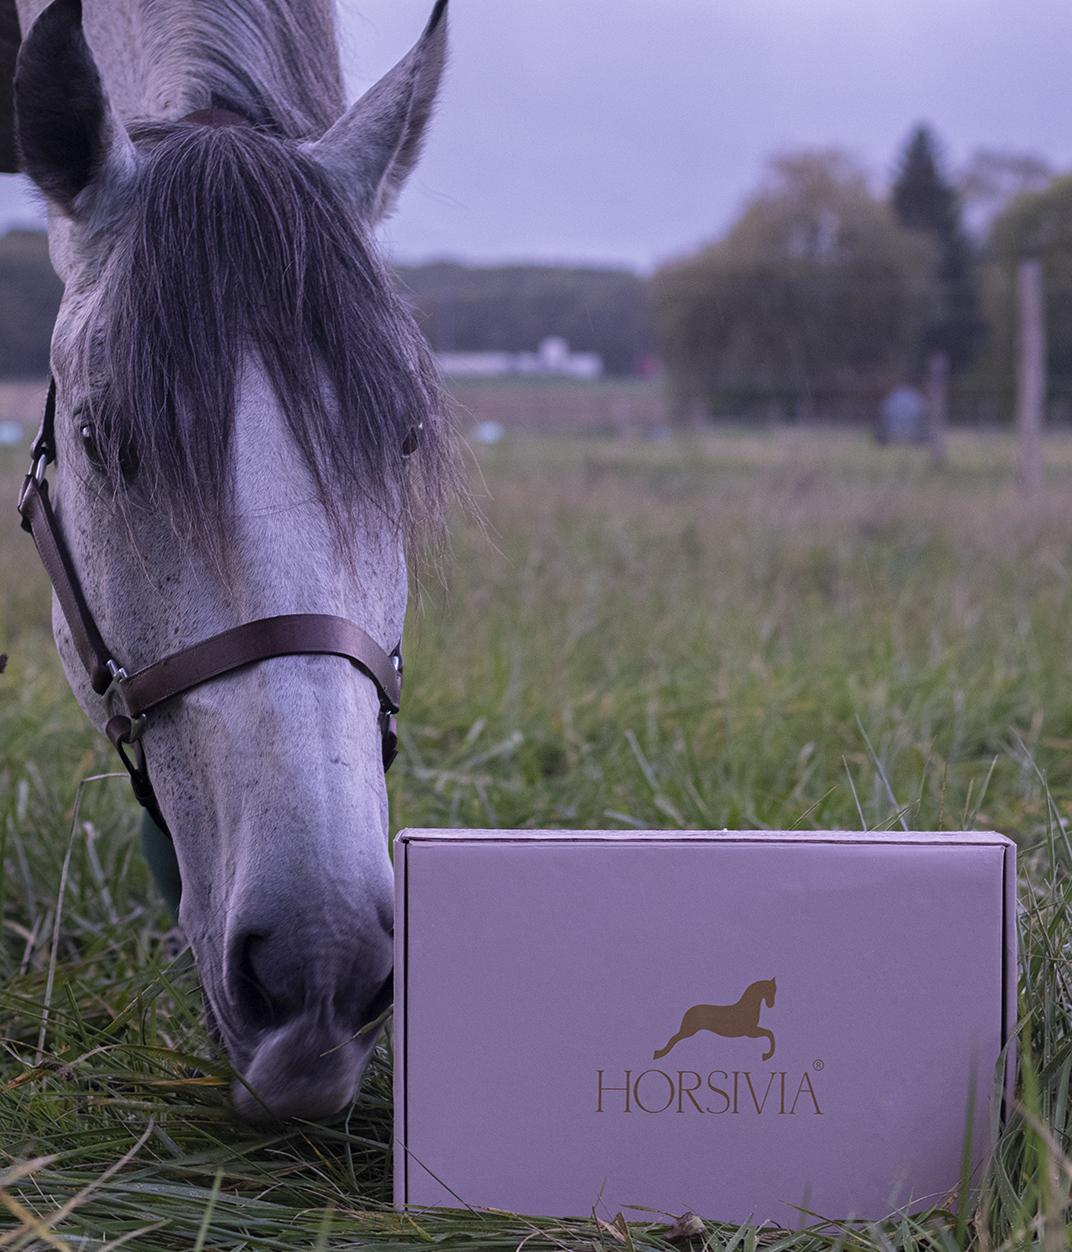 Une box mensuel, juste pour le plaisir de découvrir de nouveaux articles et accessoires avec votre cheval, juste pour le plaisir de passé du bon temps ensemble !